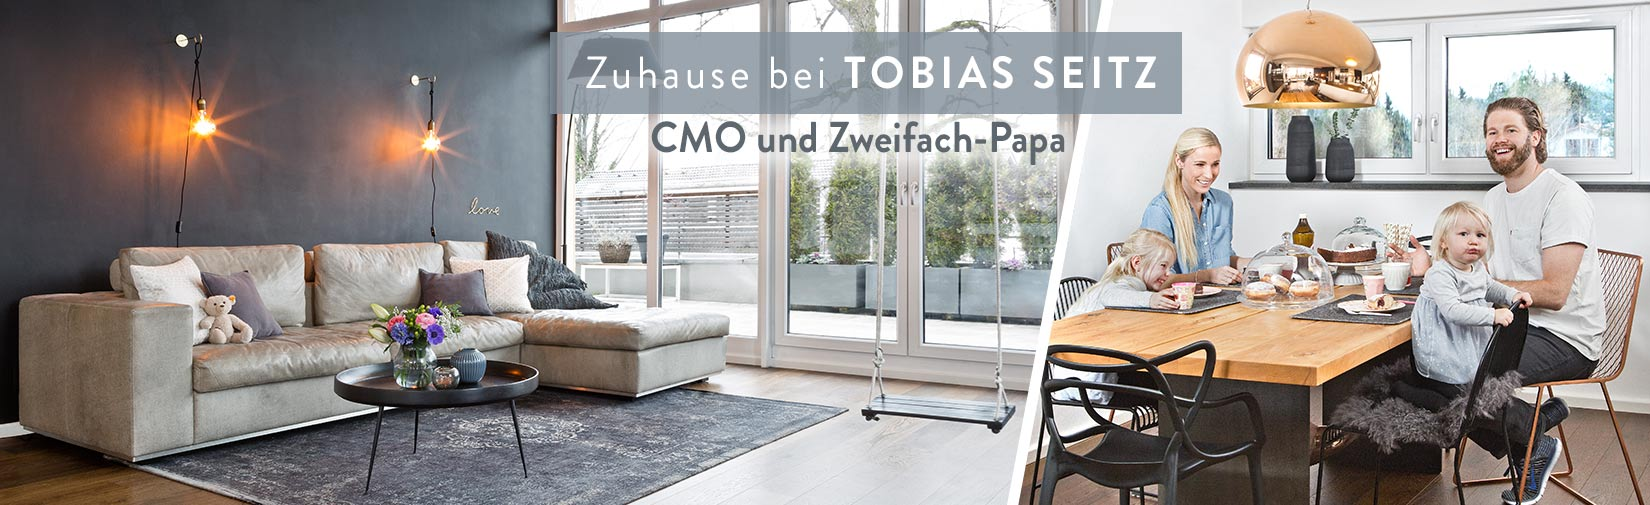 Tobias-Seitz-Desktop